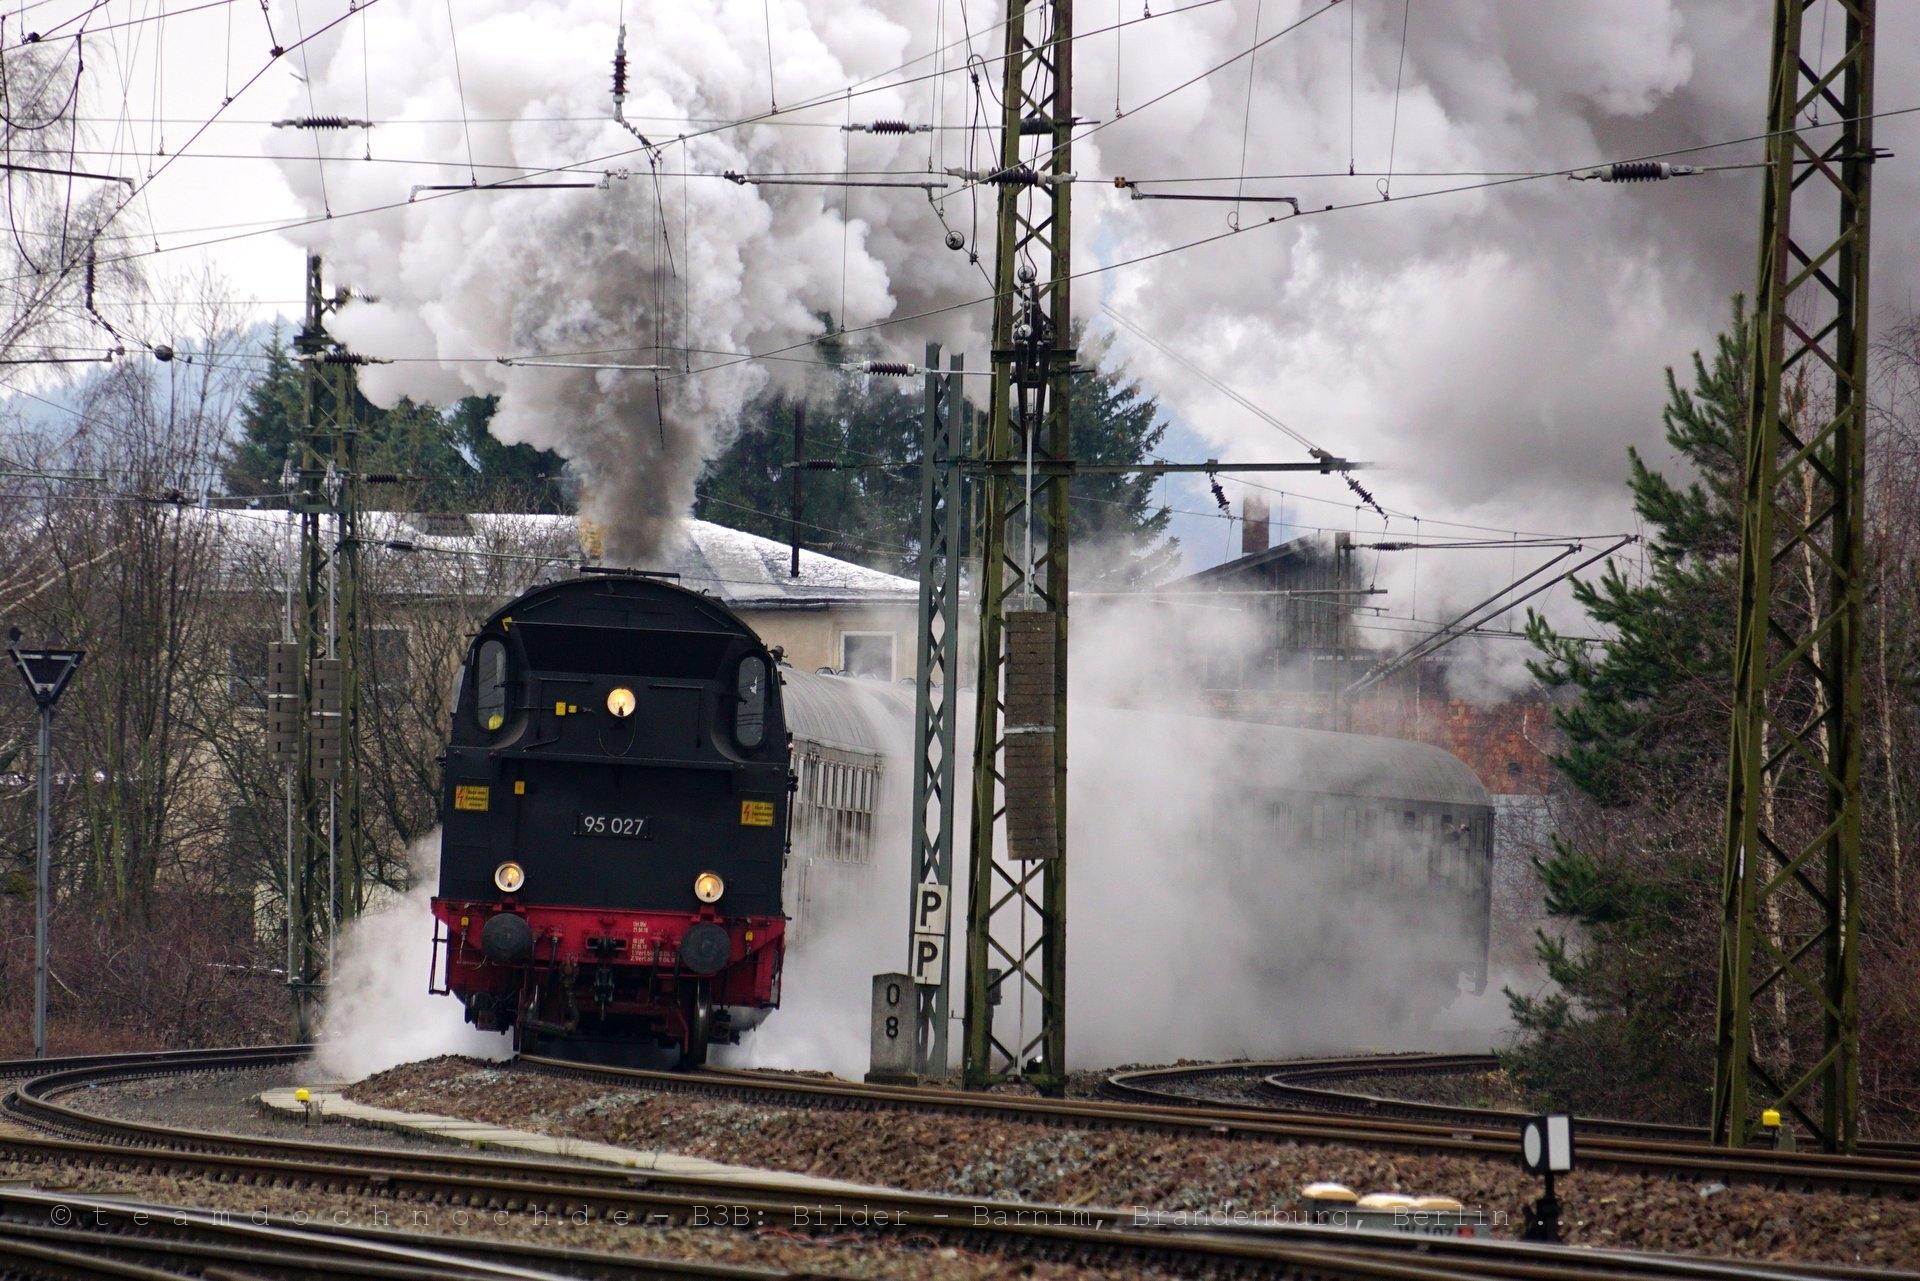 Der Sonderzug mit 95 027 verläßt zum zweiten mal am heutigen Tag den Bahnhof von Blankenburg/Harz